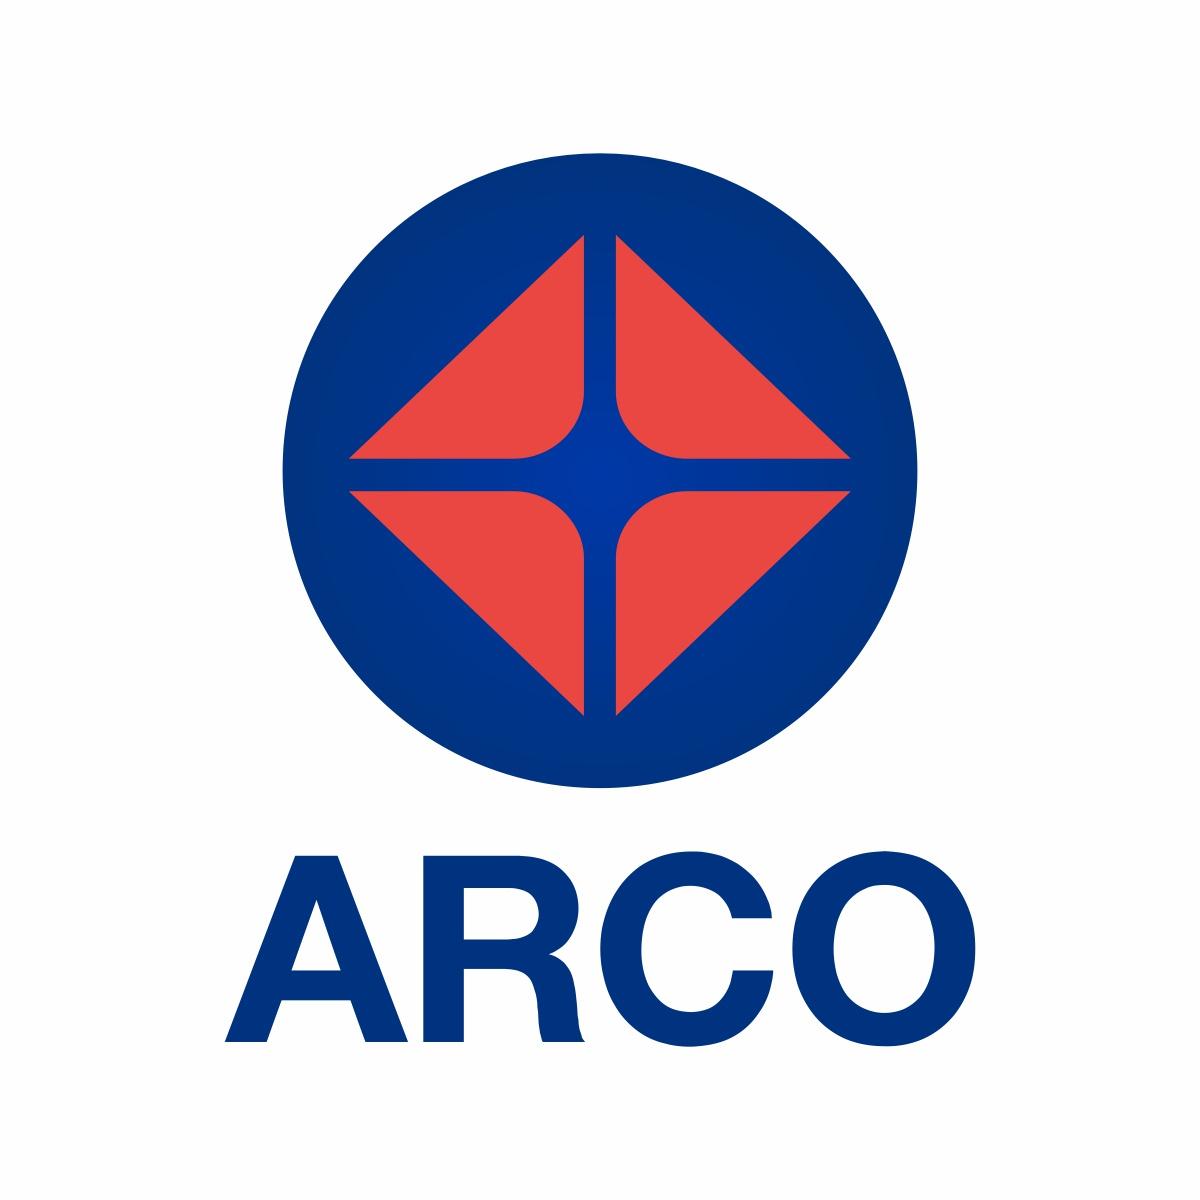 https://promotionplusinc.com/wp-content/uploads/2019/04/Arco.jpg